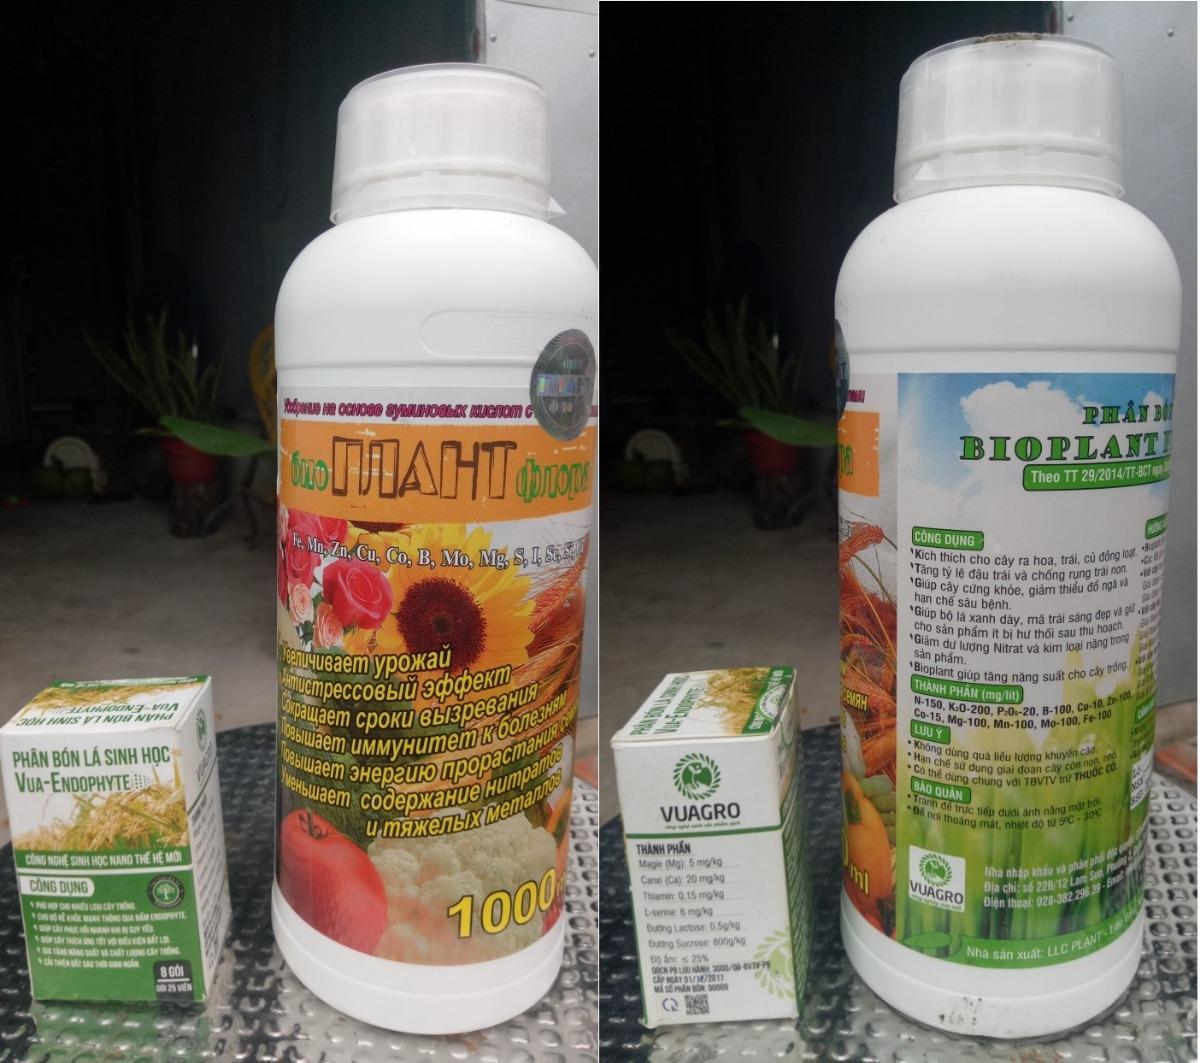 Lý do chọn mua phân bón lá sinh học Vua - Endophyte